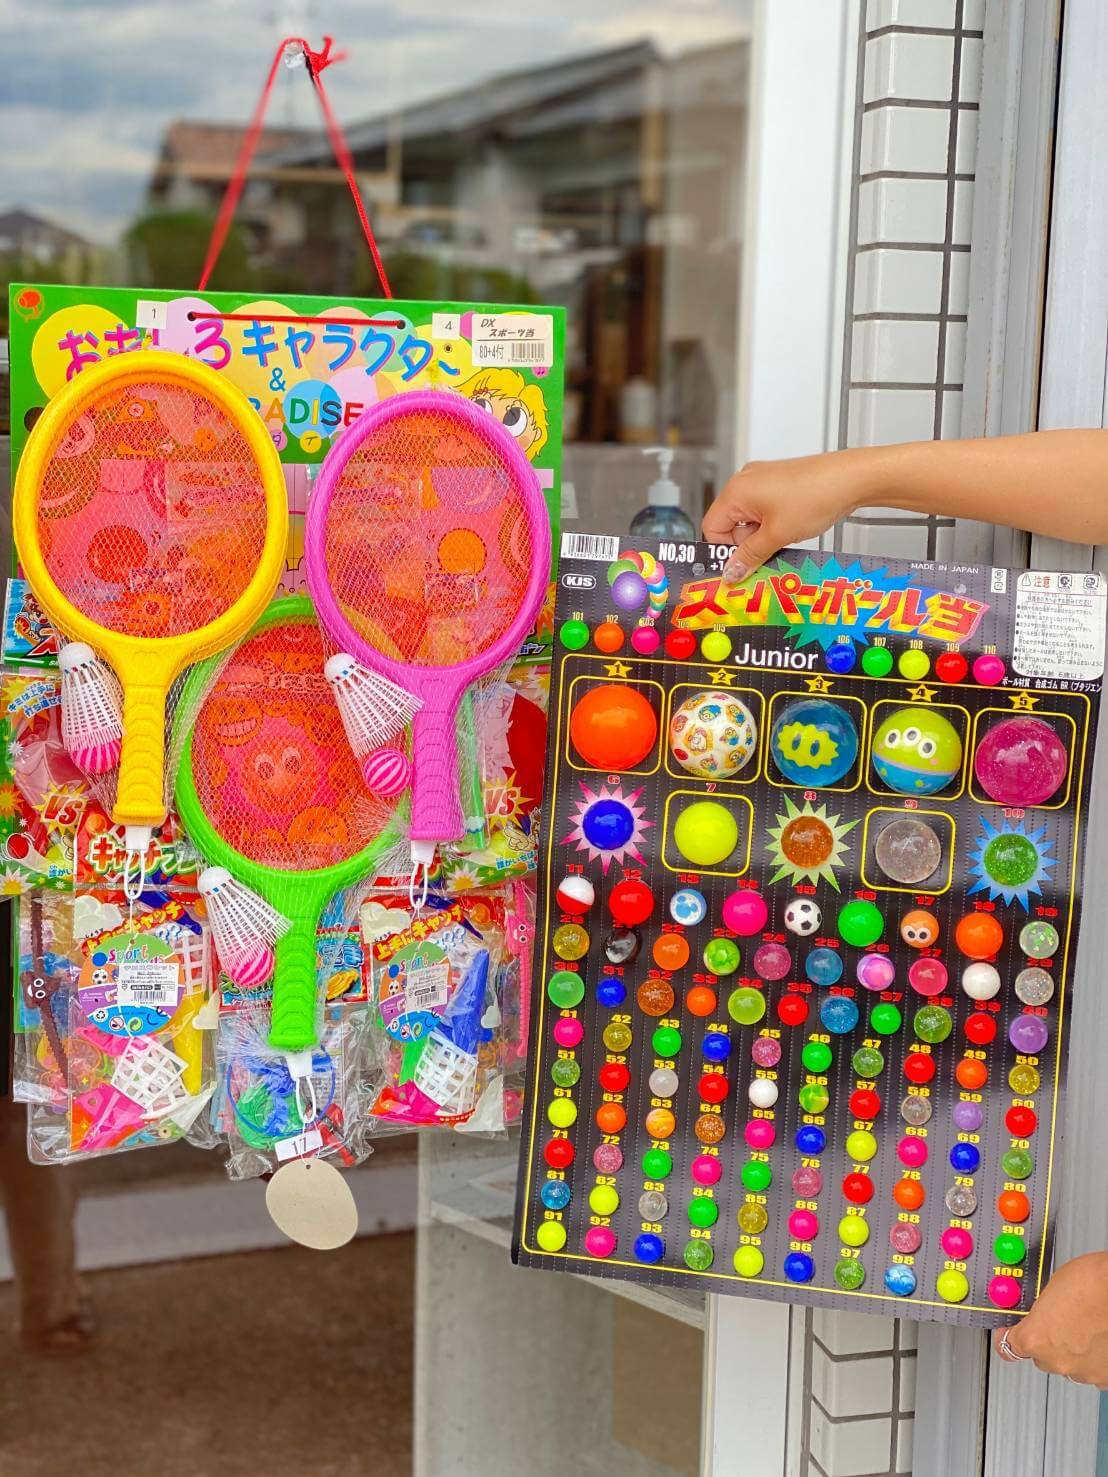 【2020年7月23日】ハンドメイド雑貨・インポート子供服とカフェのお店「Ideal(イデアル)」でSUMMERイベントが開催 (3)